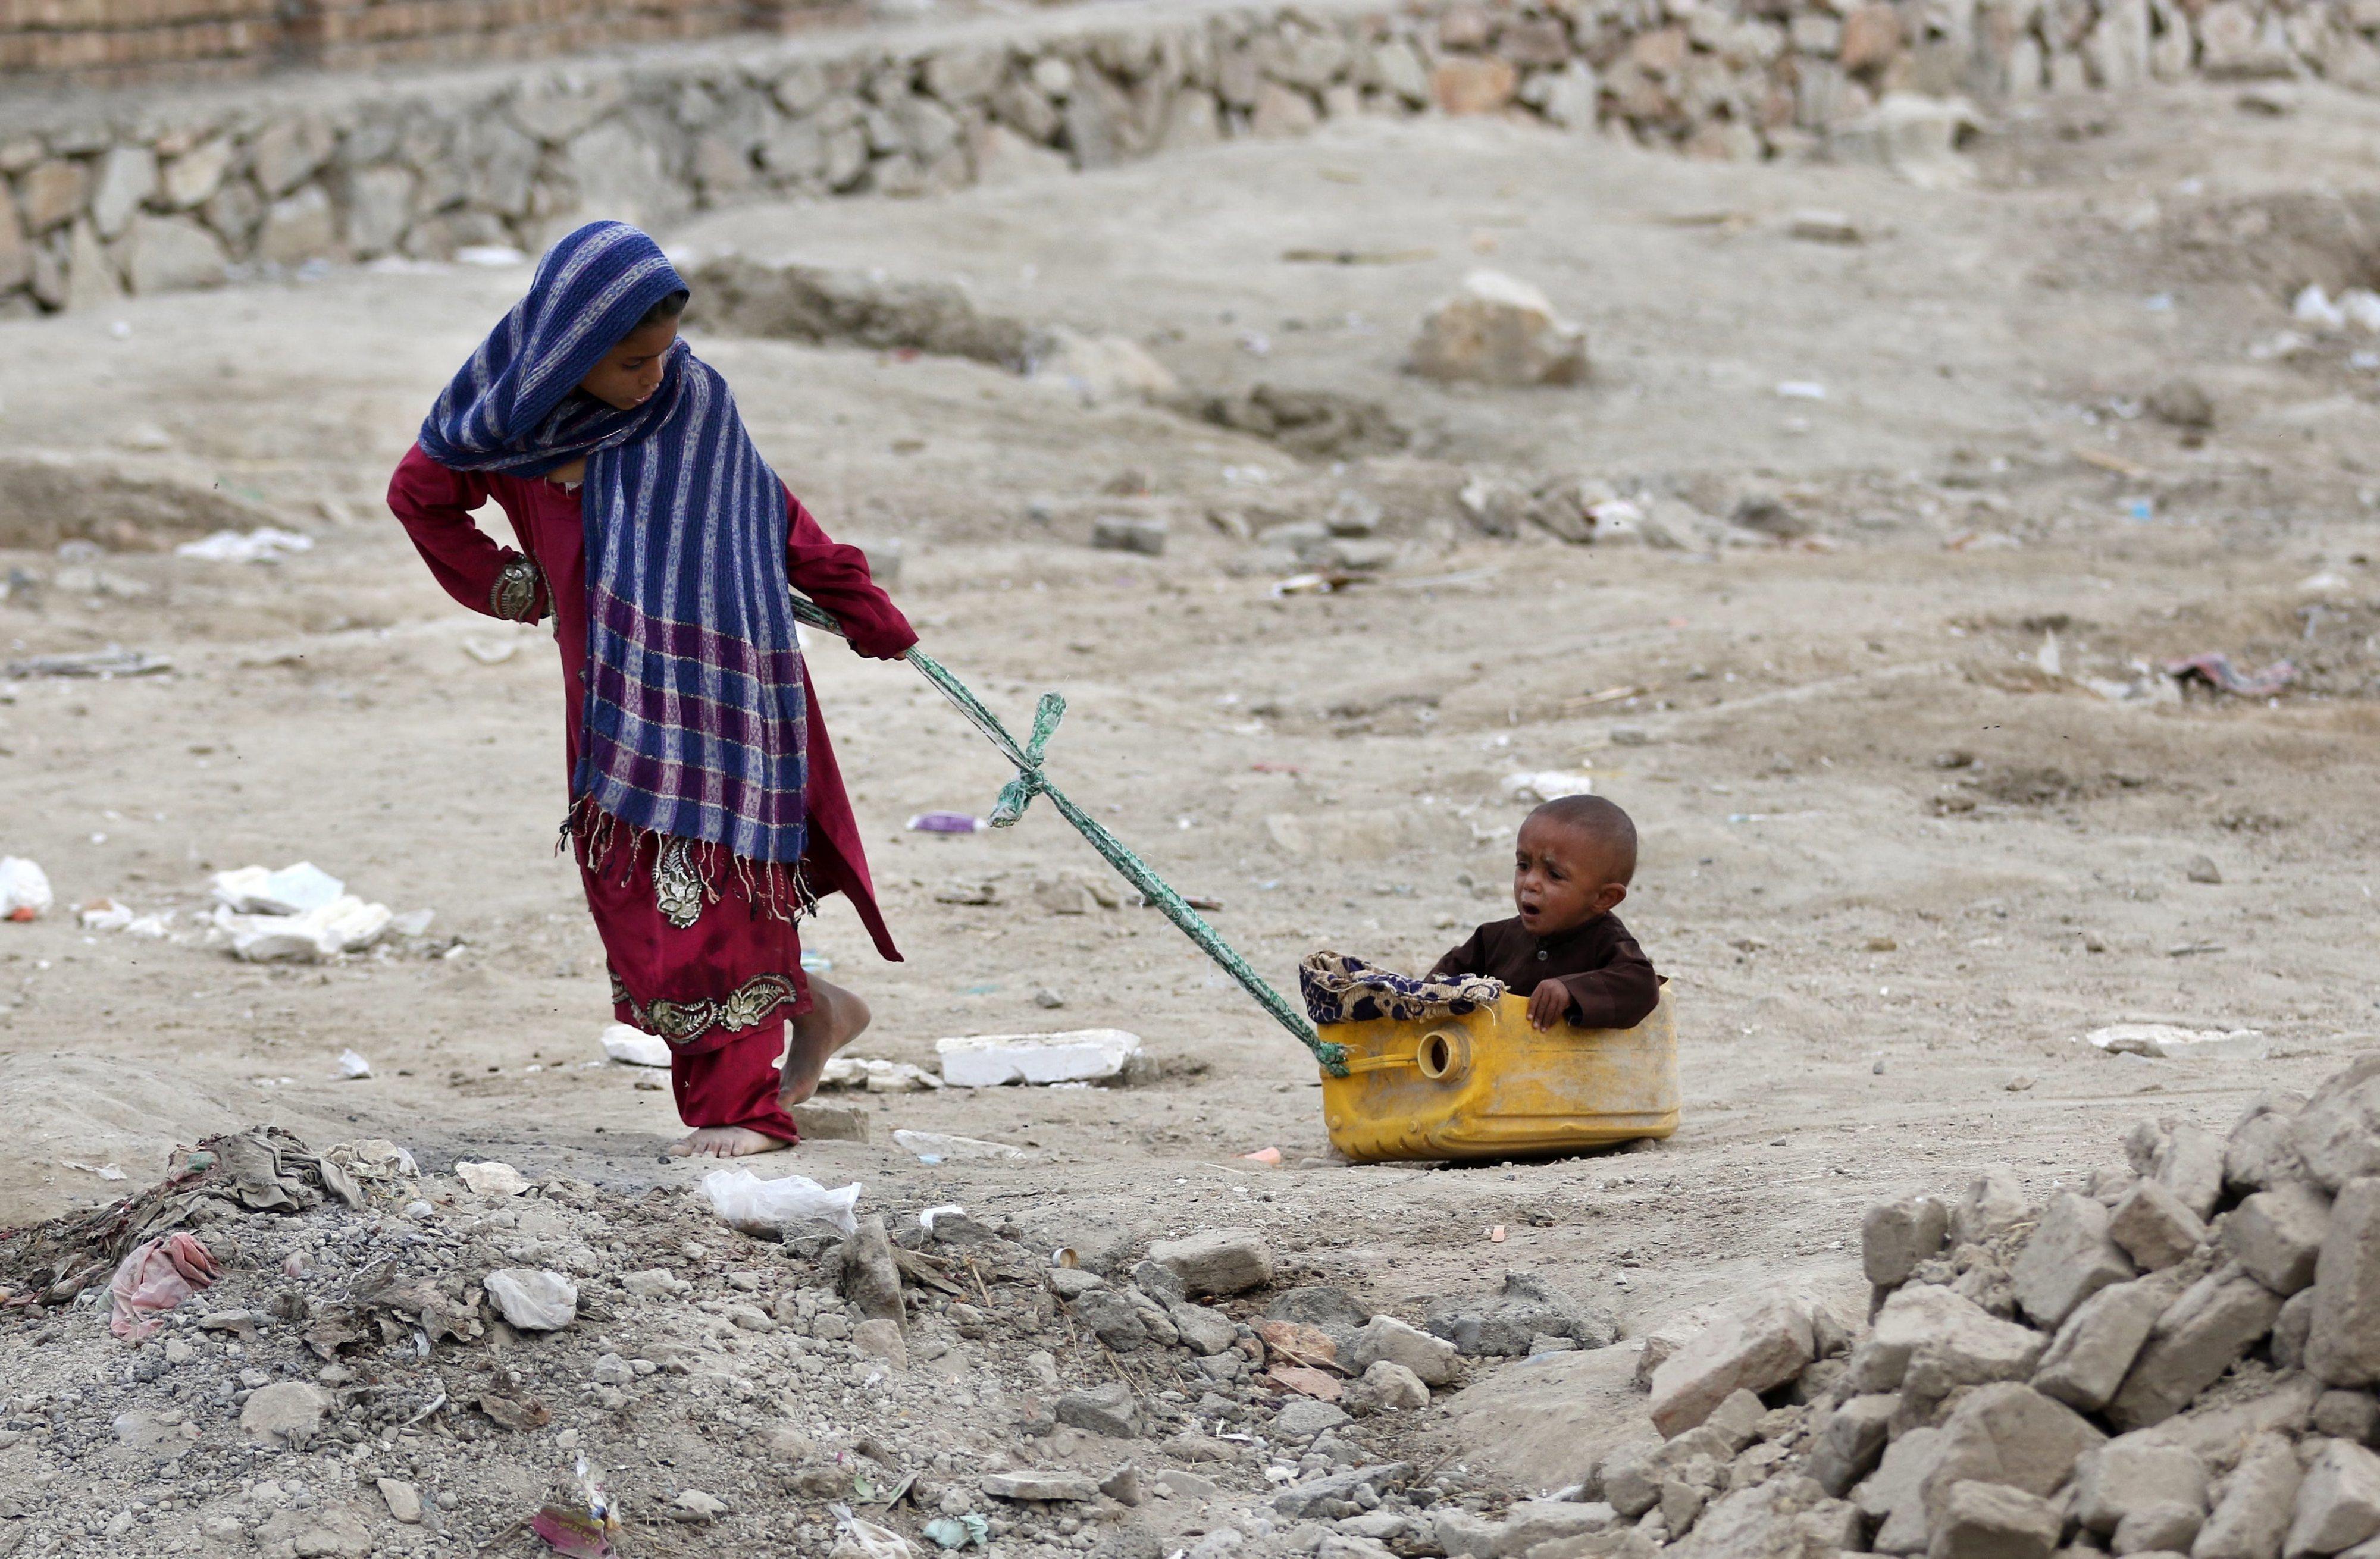 Quase metade dos deslocados internos no mundo são crianças